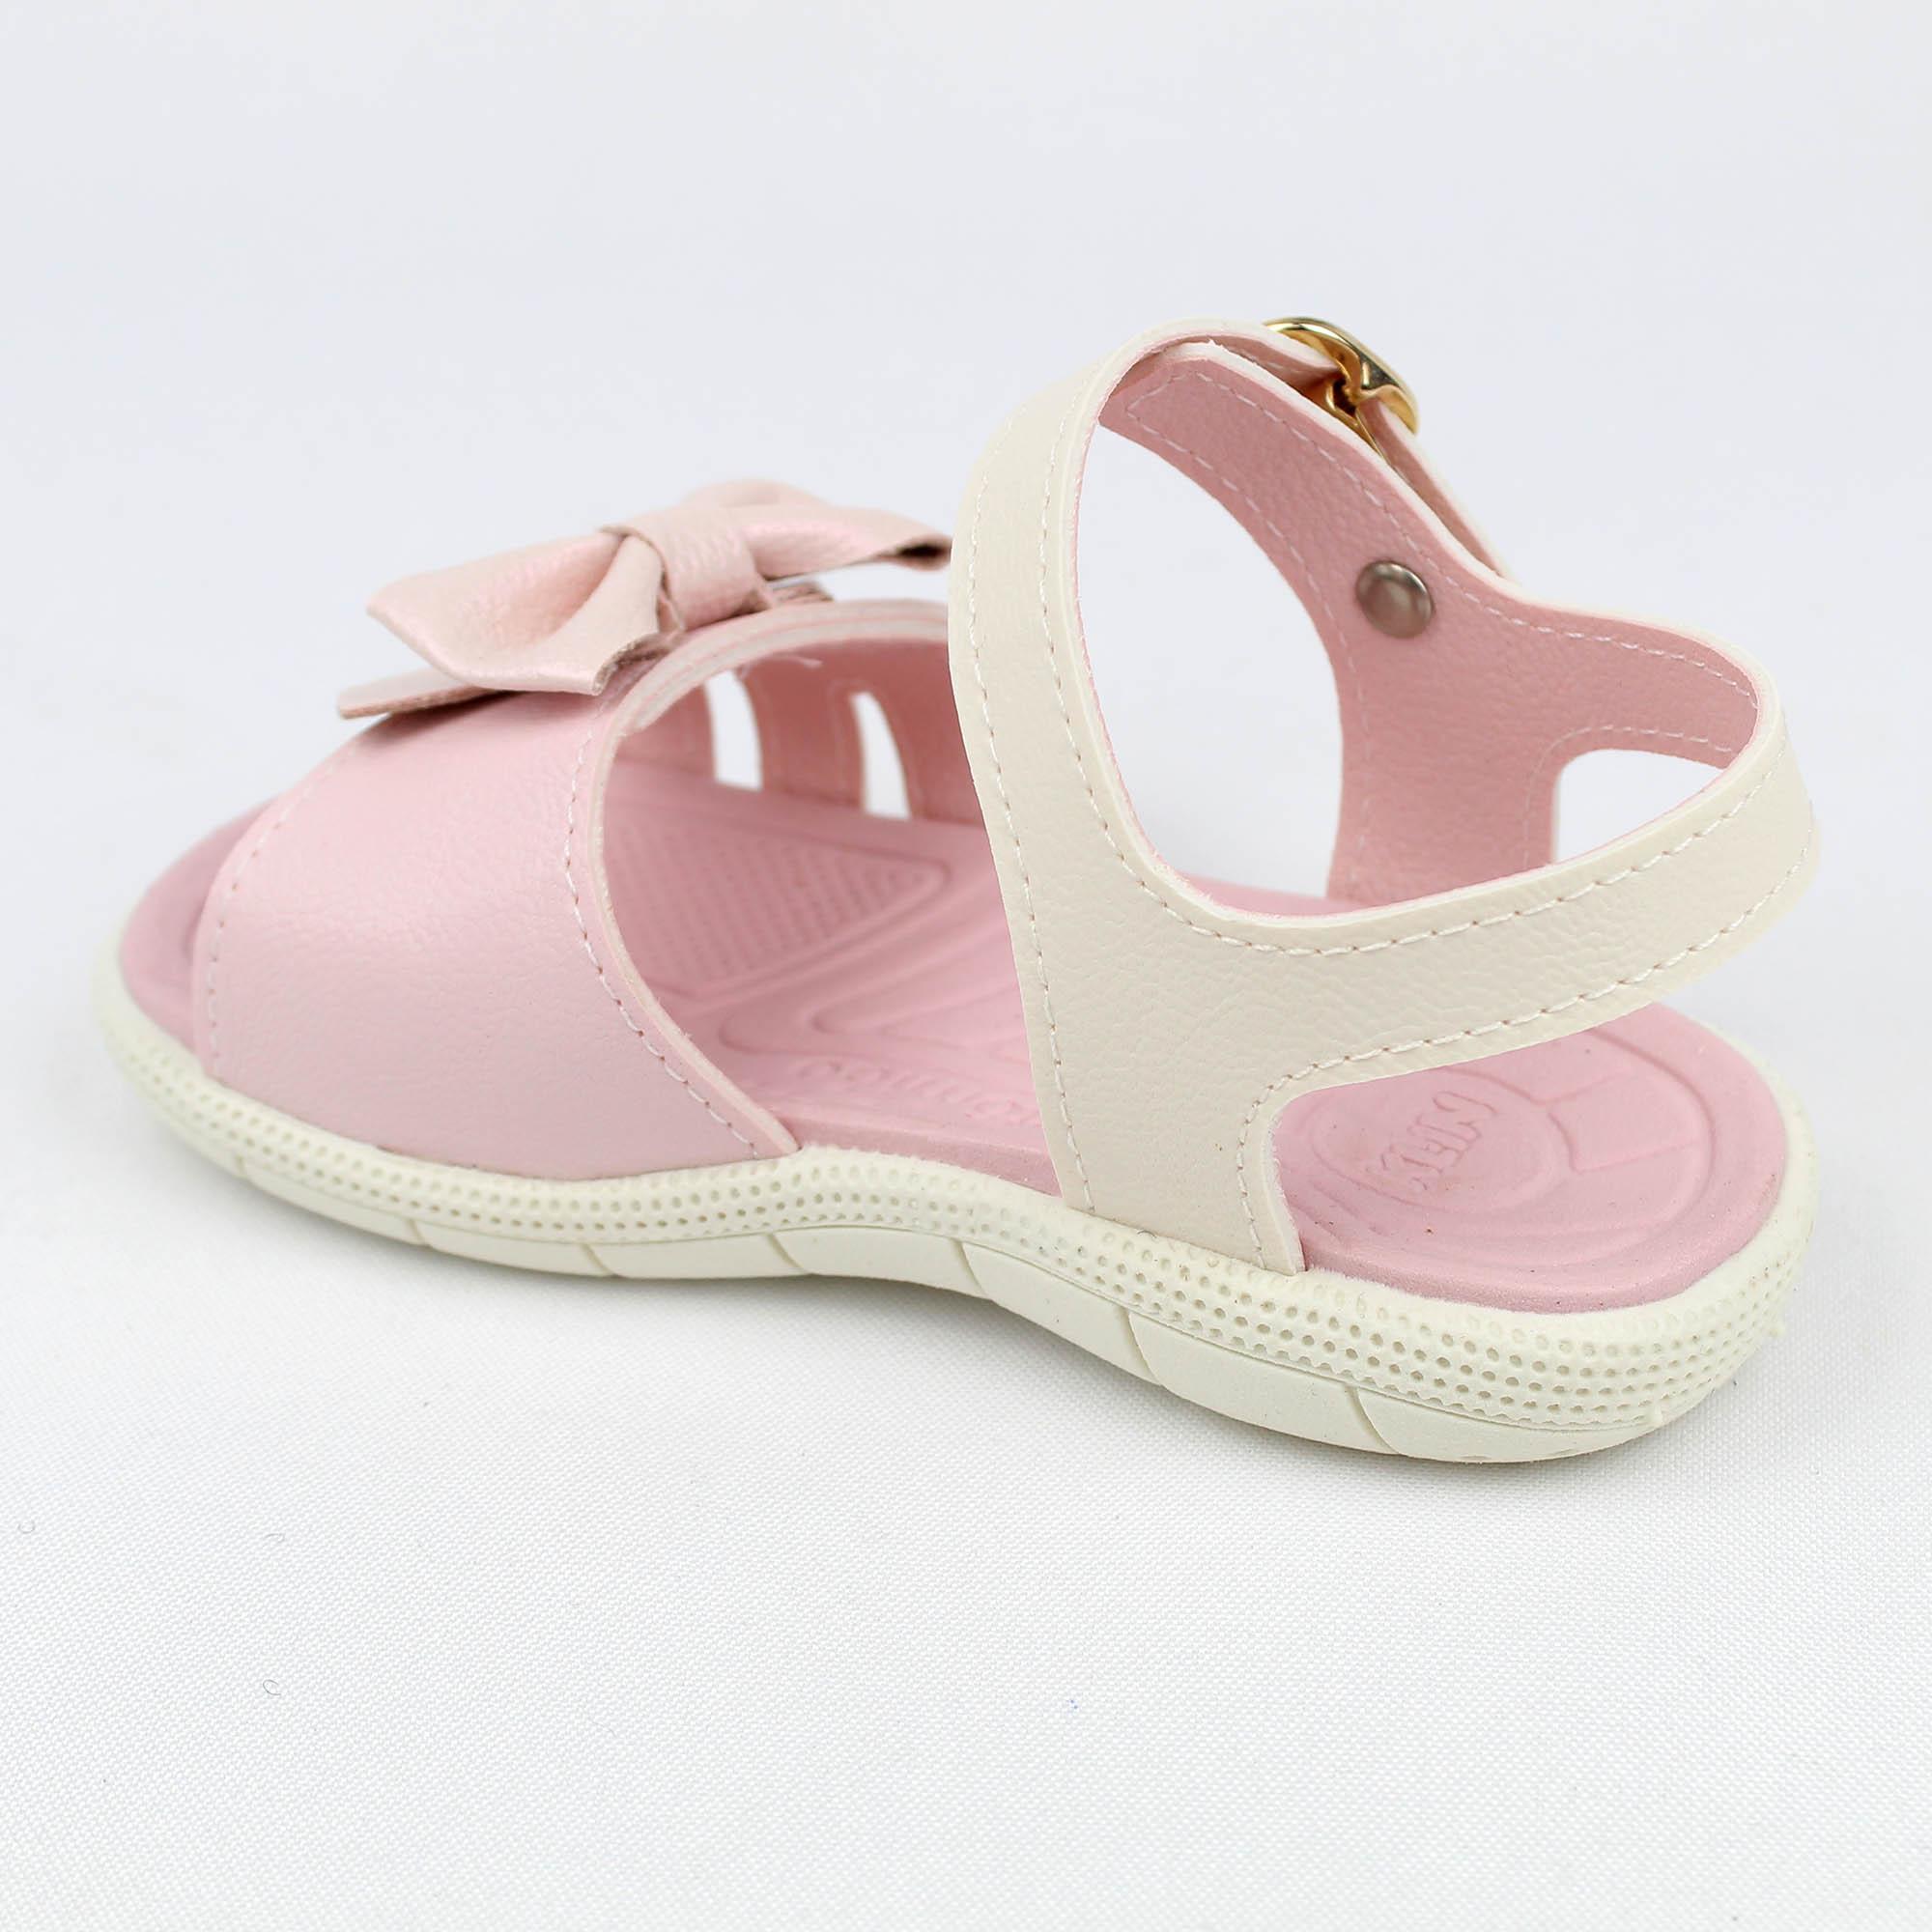 Sandália Bebê Klin Tic Tac 171.160 Menina